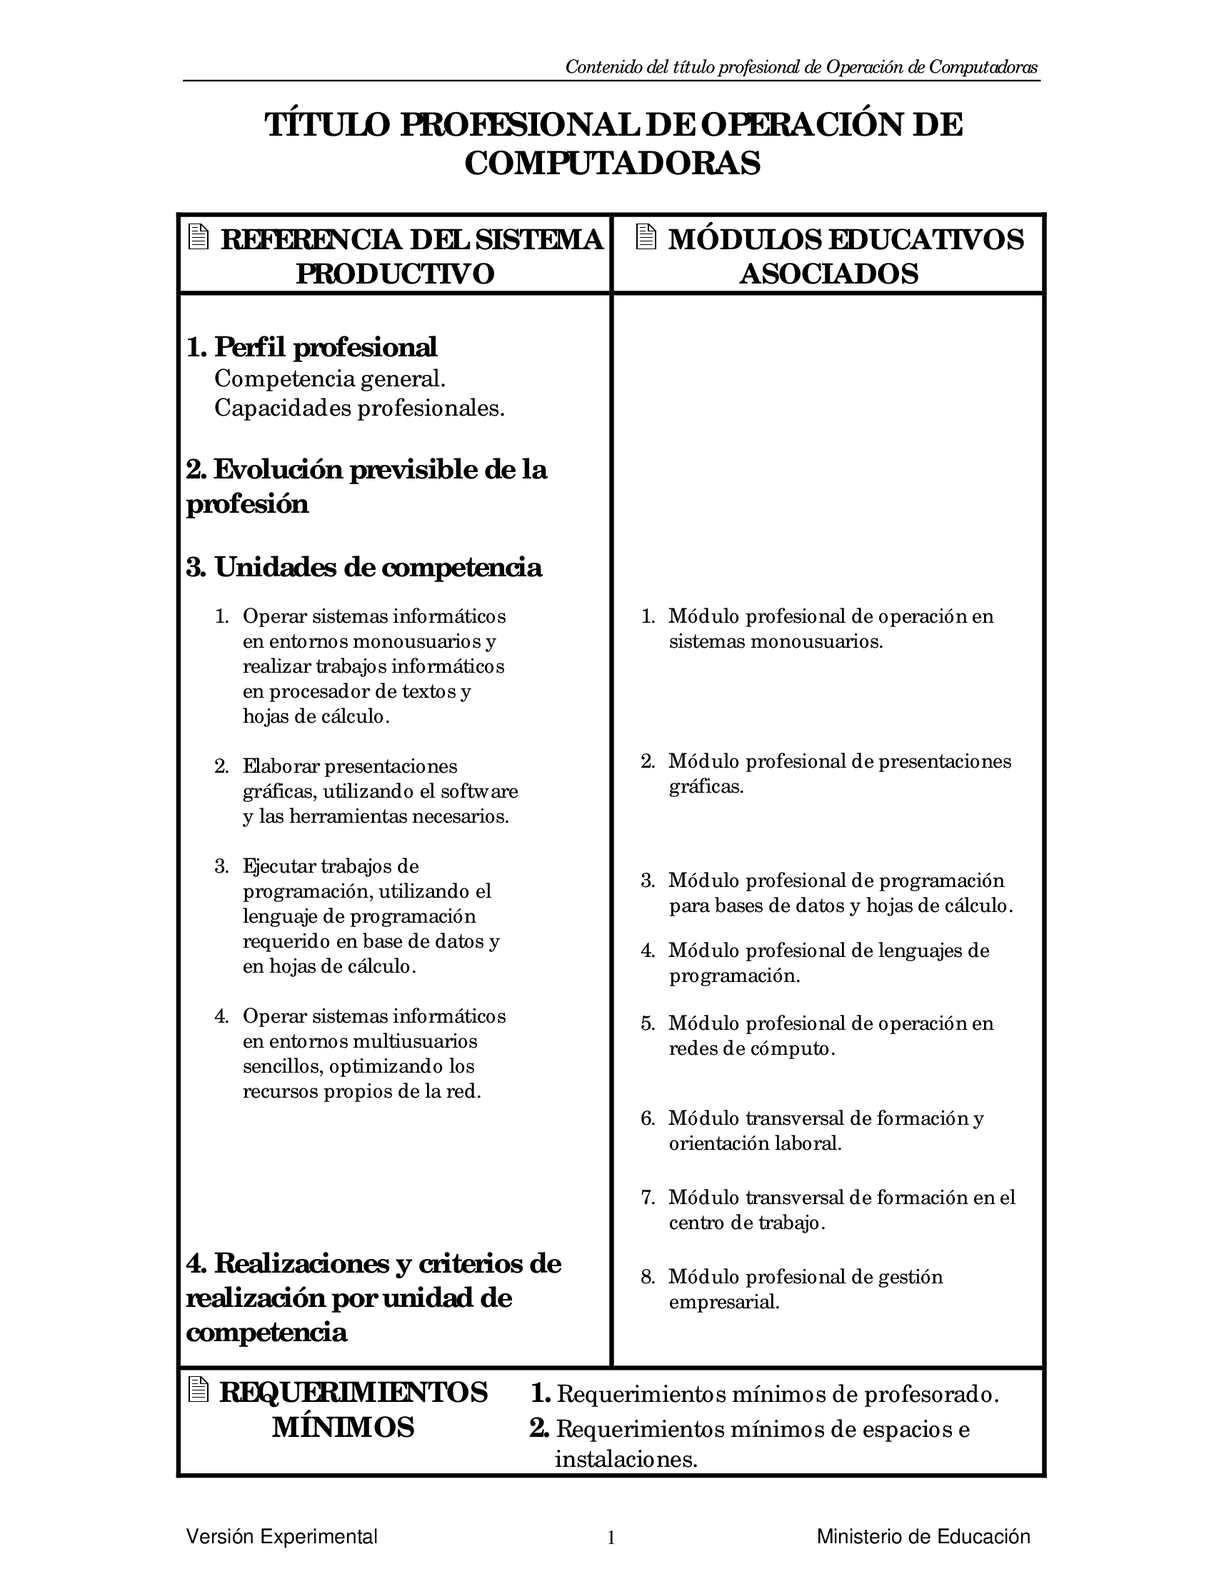 CNTPC - 01 Operación de Computadoras (Perfil profesional y módulos)